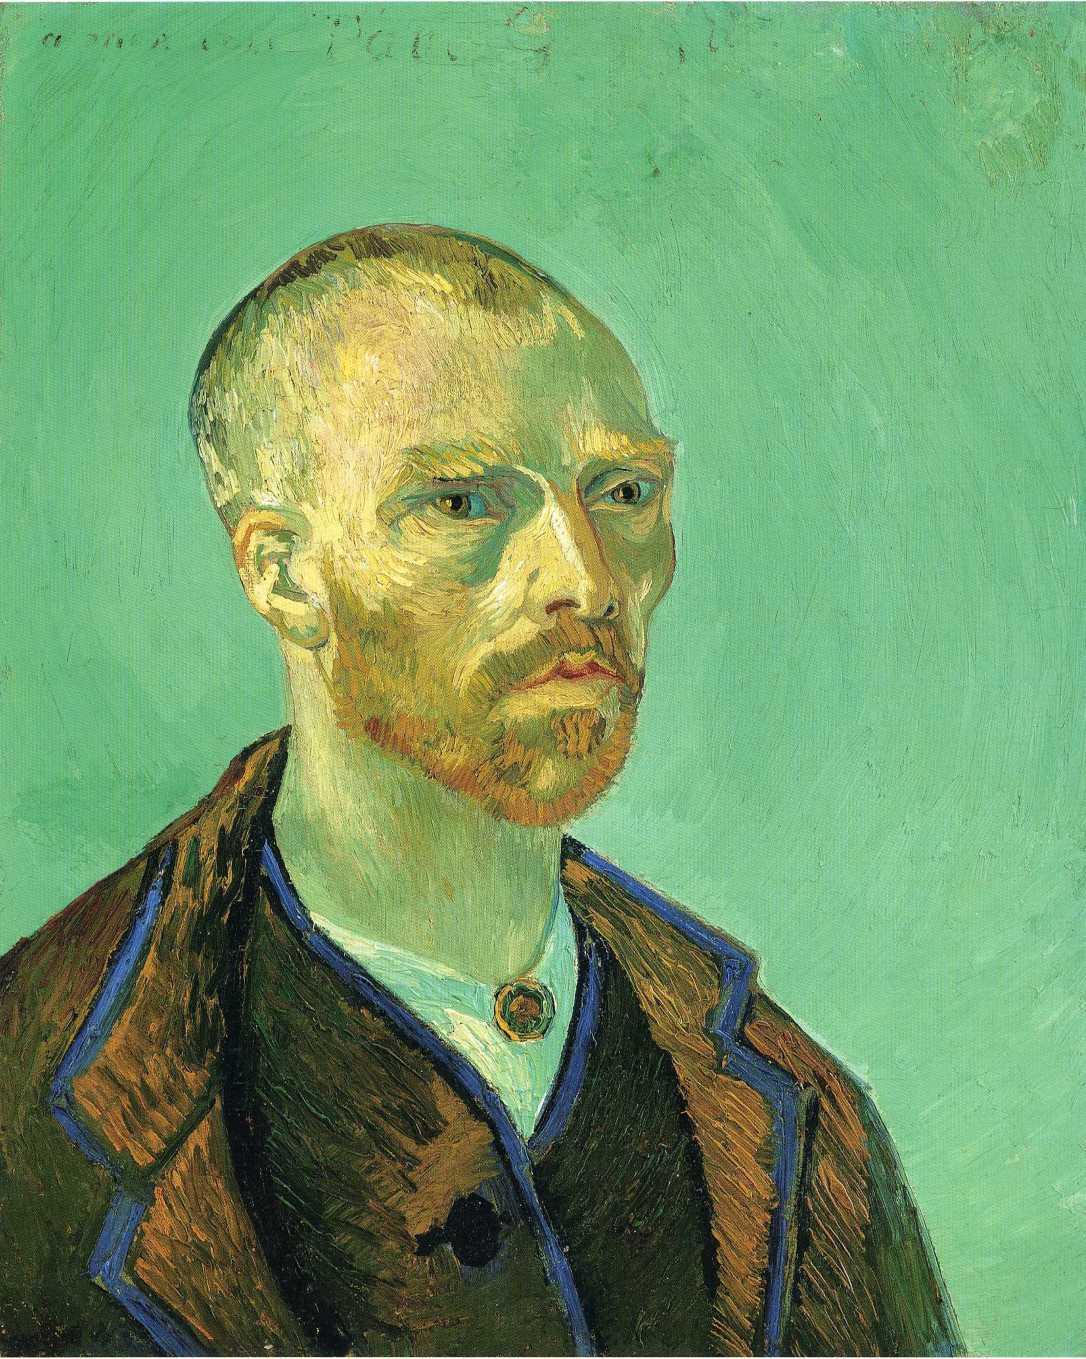 Van Gogh Self Portrait to Gauguin